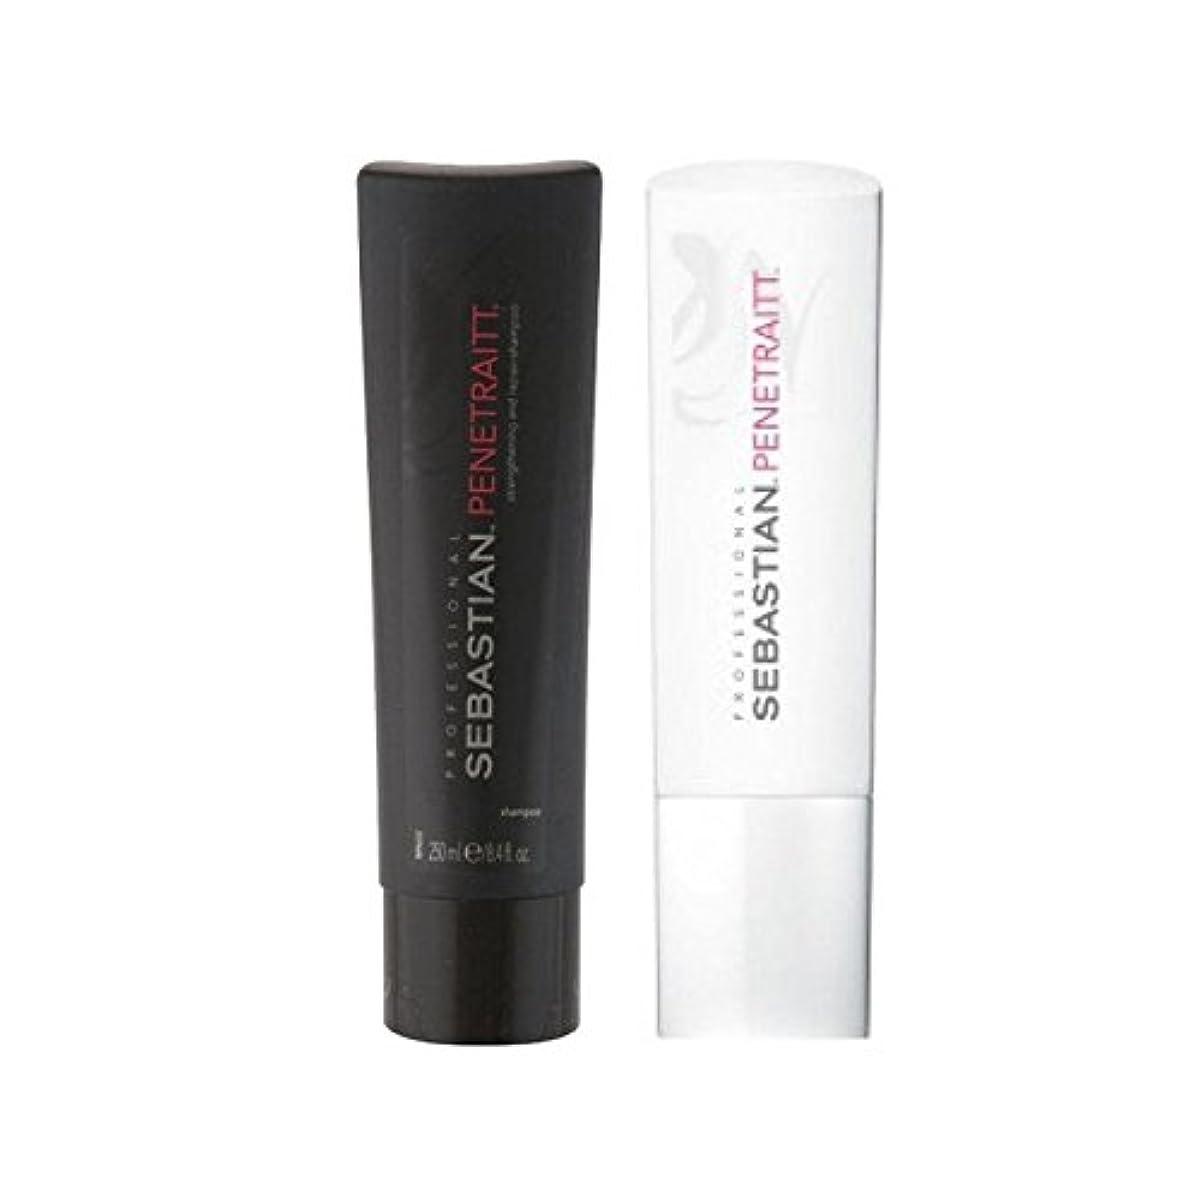 ラリーベルモント等々おんどりSebastian Professional Penetraitt Duo - Shampoo & Conditioner (Pack of 6) - セバスチャンプロデュオ - シャンプー&コンディショナー x6 [並行輸入品]